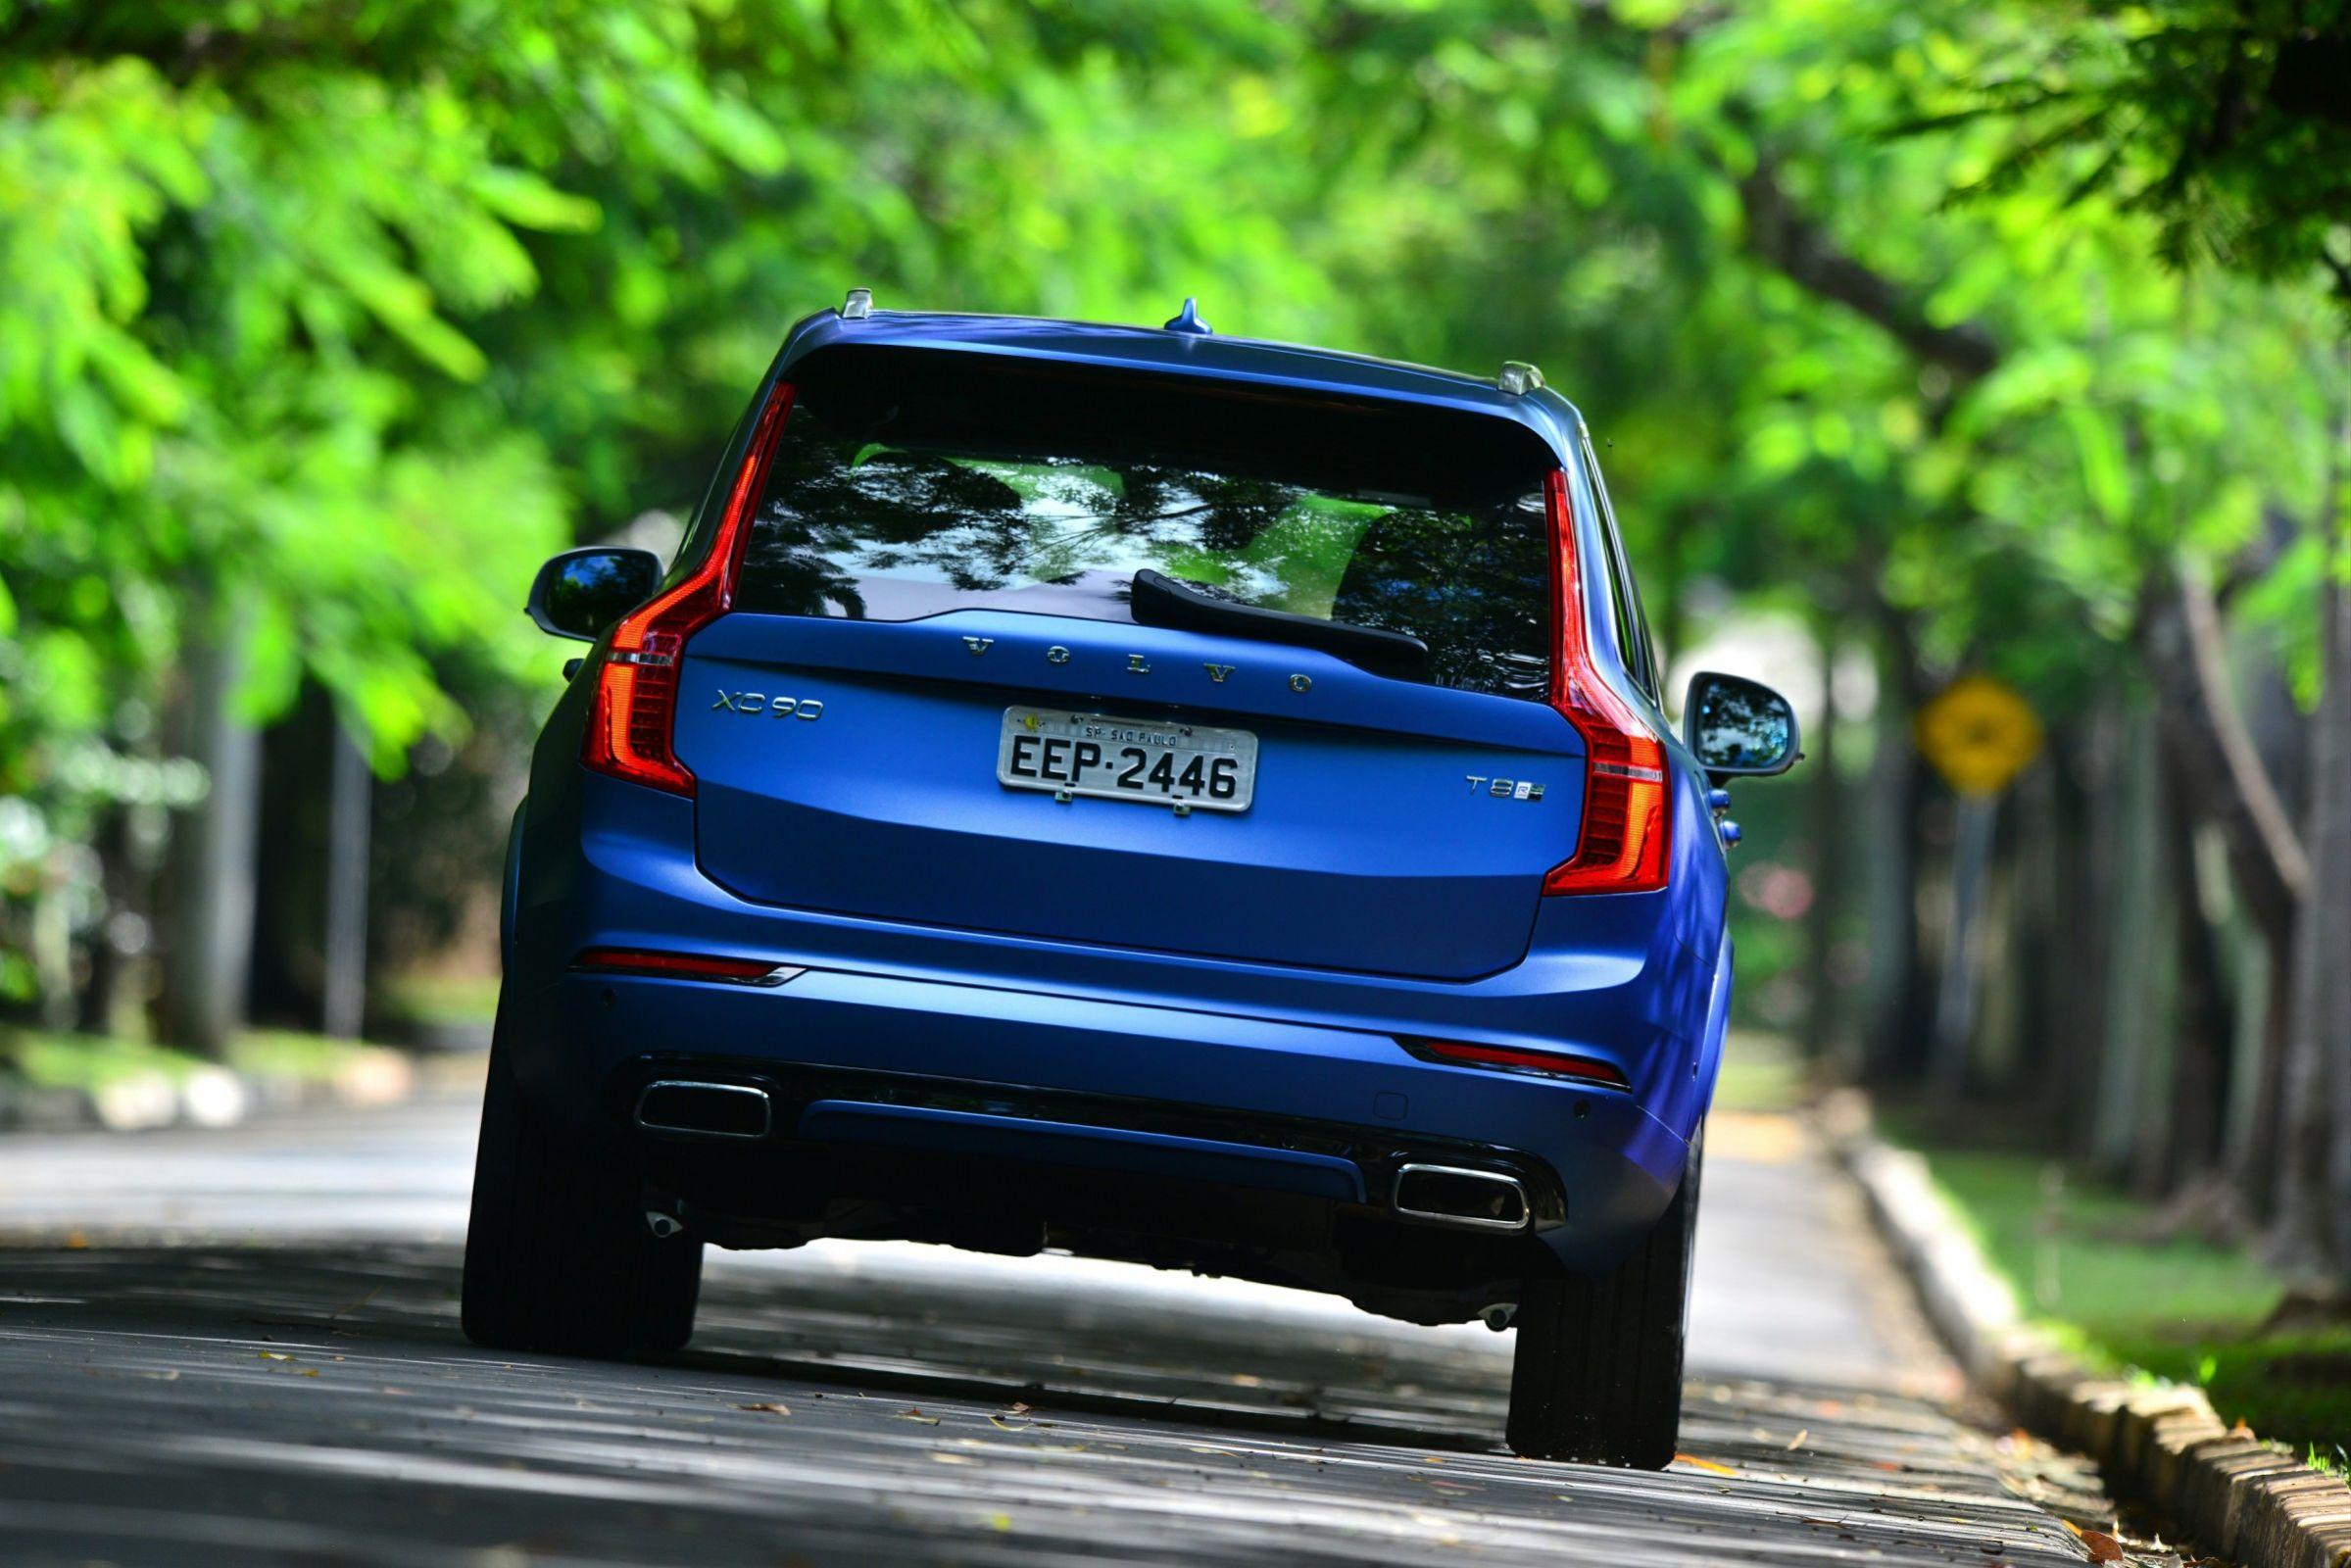 O Volvo XC90, sueco de sete lugares, ganhou uma nova configuração, que alia os 413 cv de potência do motor híbrido a um design esportivo exclusivo.